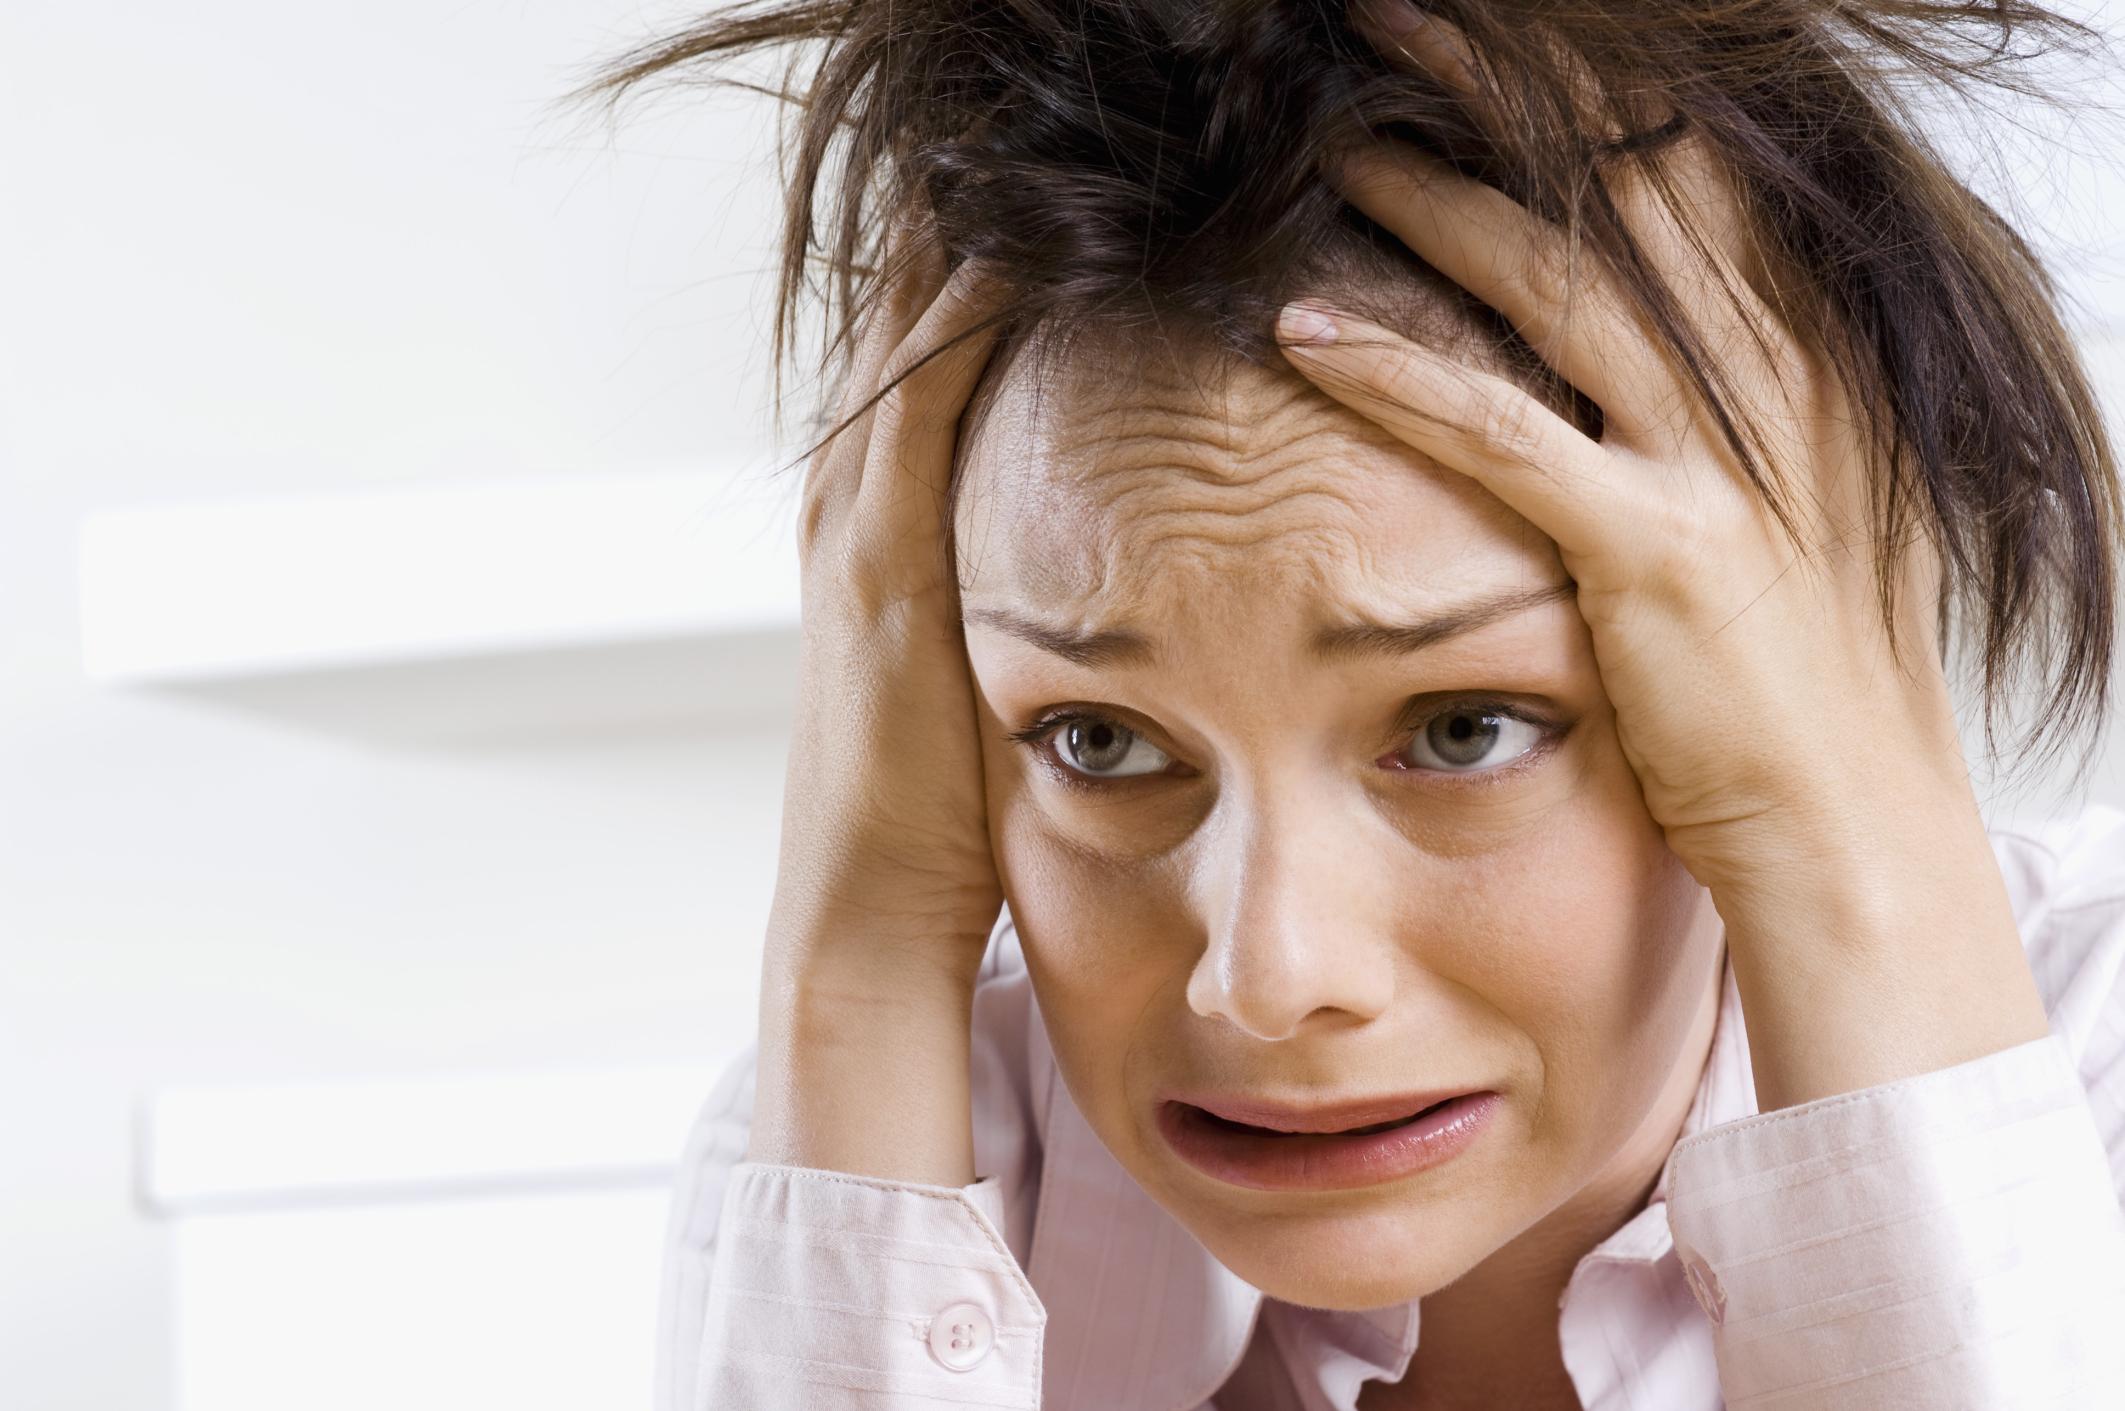 Депрессивный невроз: симптомы, причины, лечение